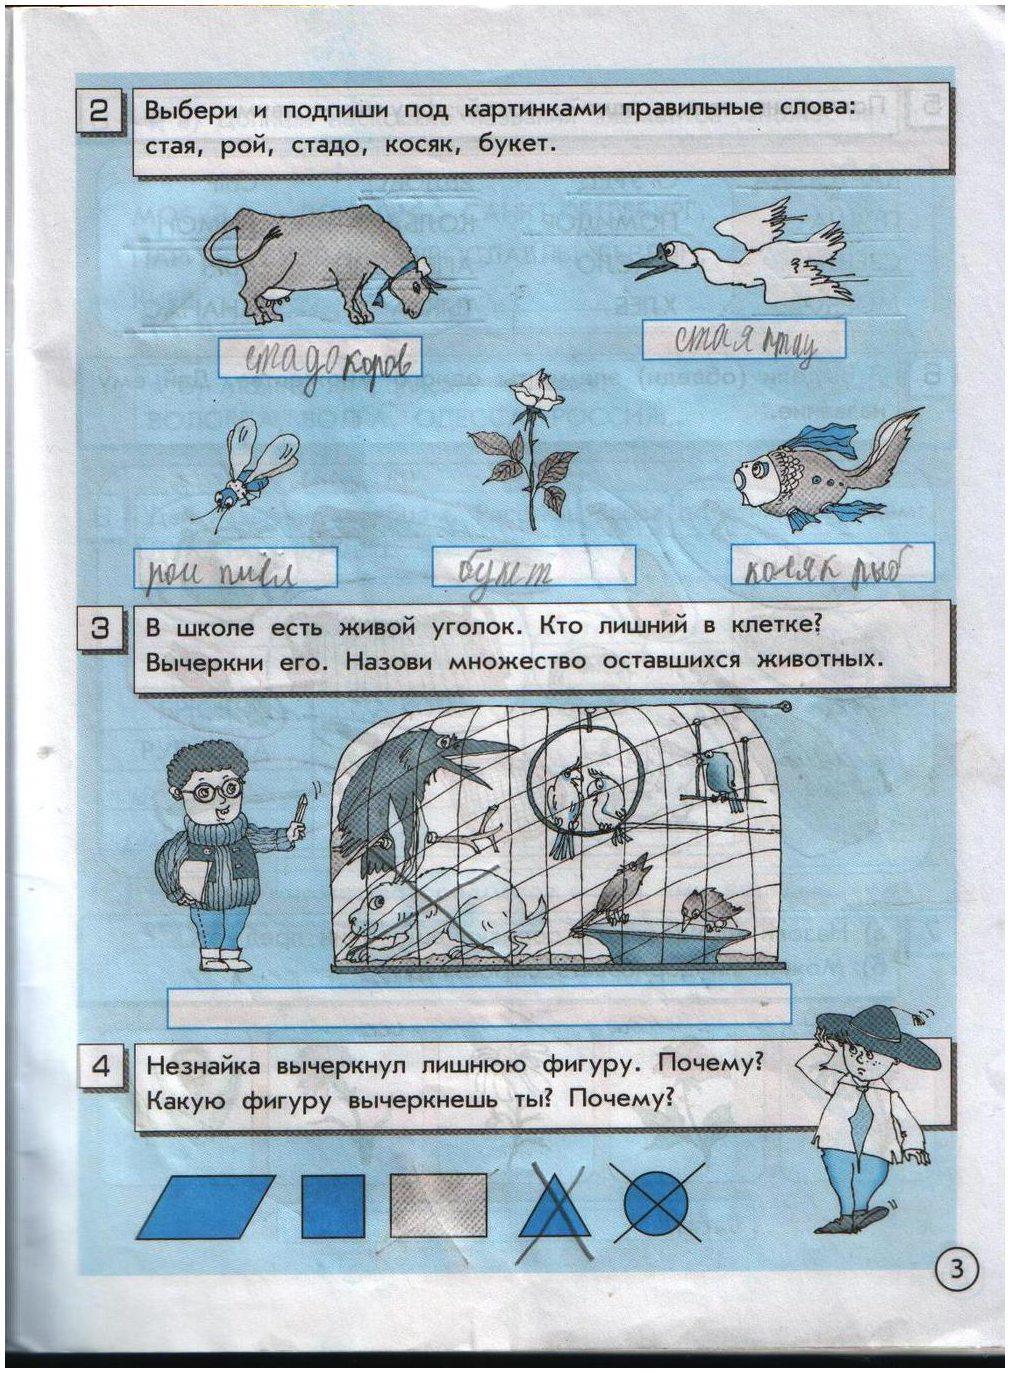 ГДЗ Информатика 2 класс часть 2 страница 3 Горячев, Горина